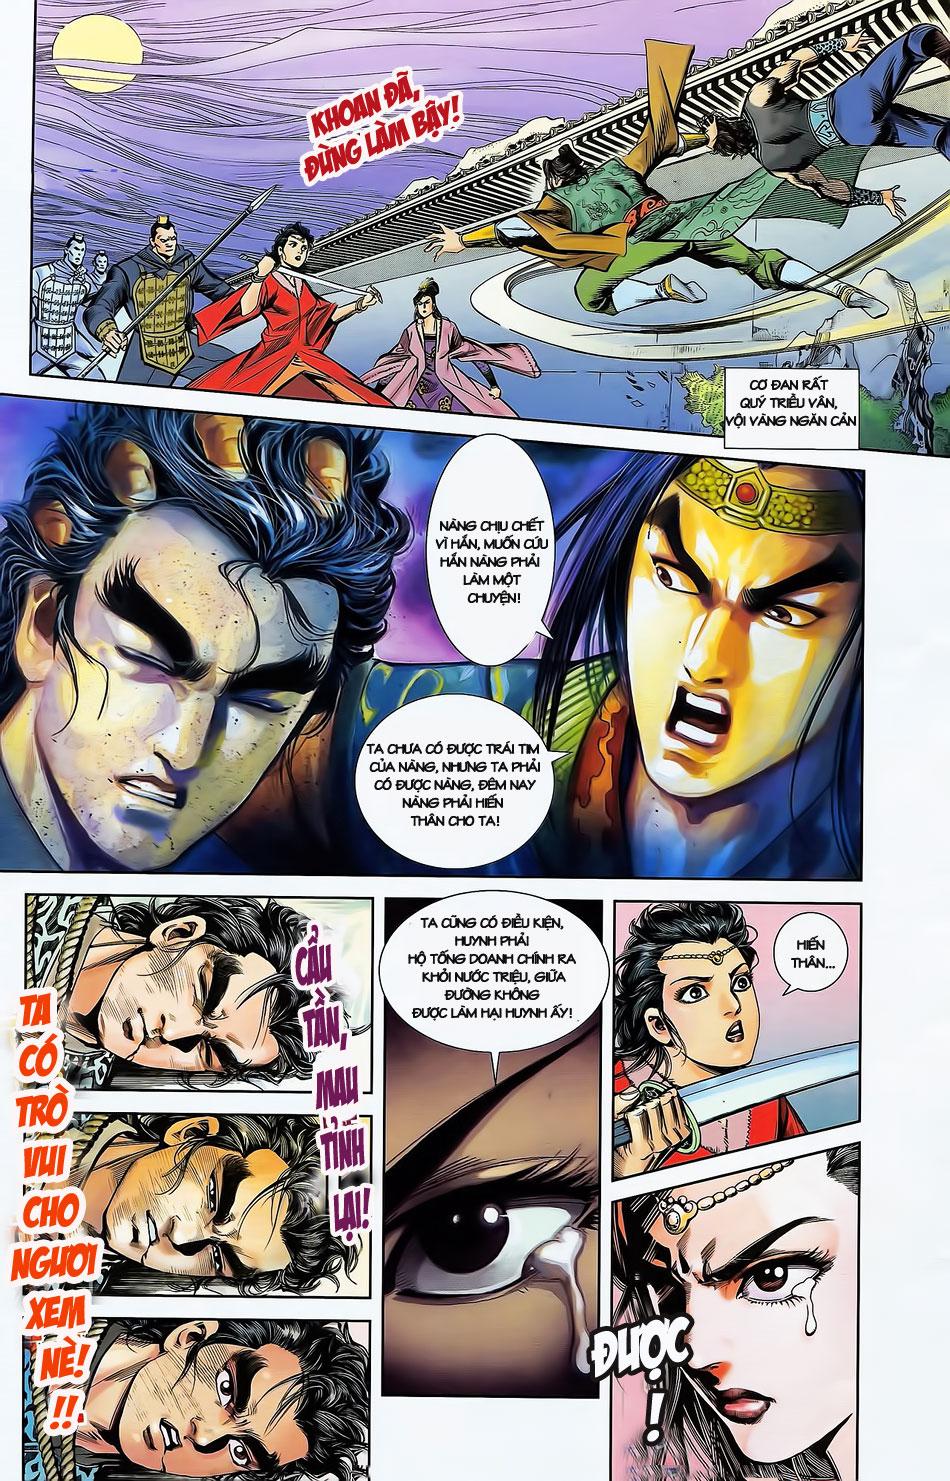 Tần Vương Doanh Chính chapter 2 trang 29